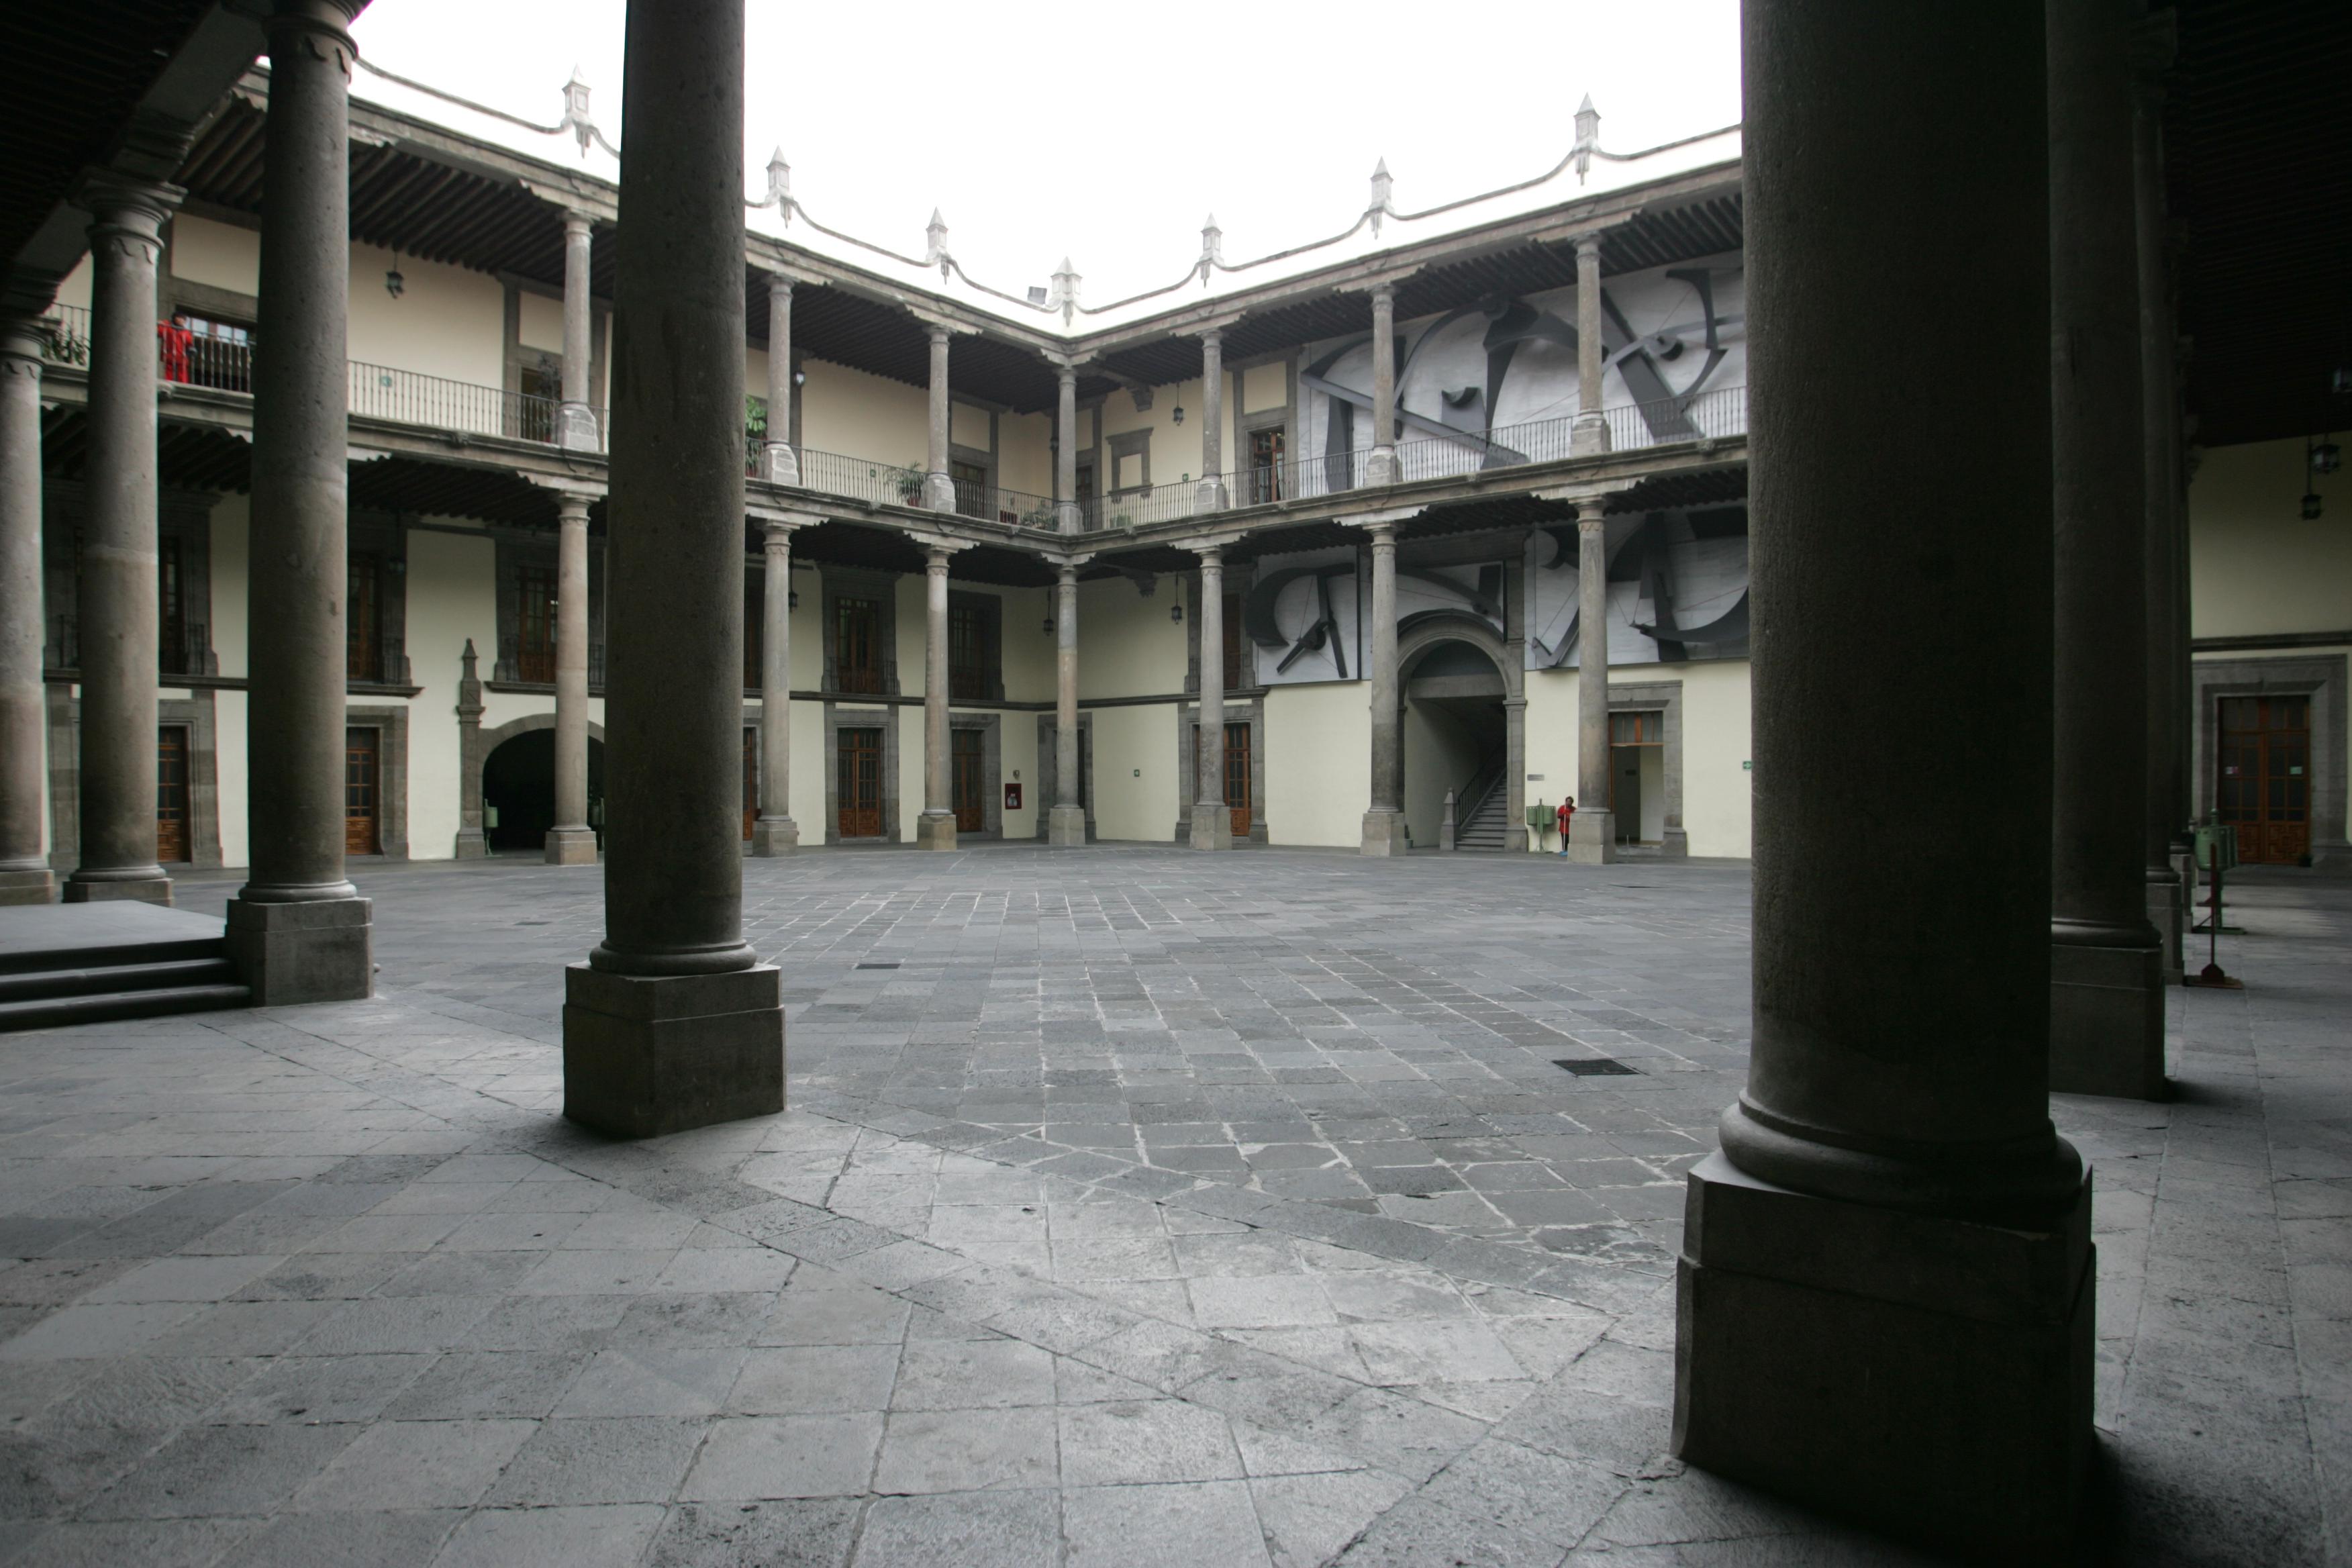 Patio de la antigua aduana perteneciente a la Secretaría de Educación Pública